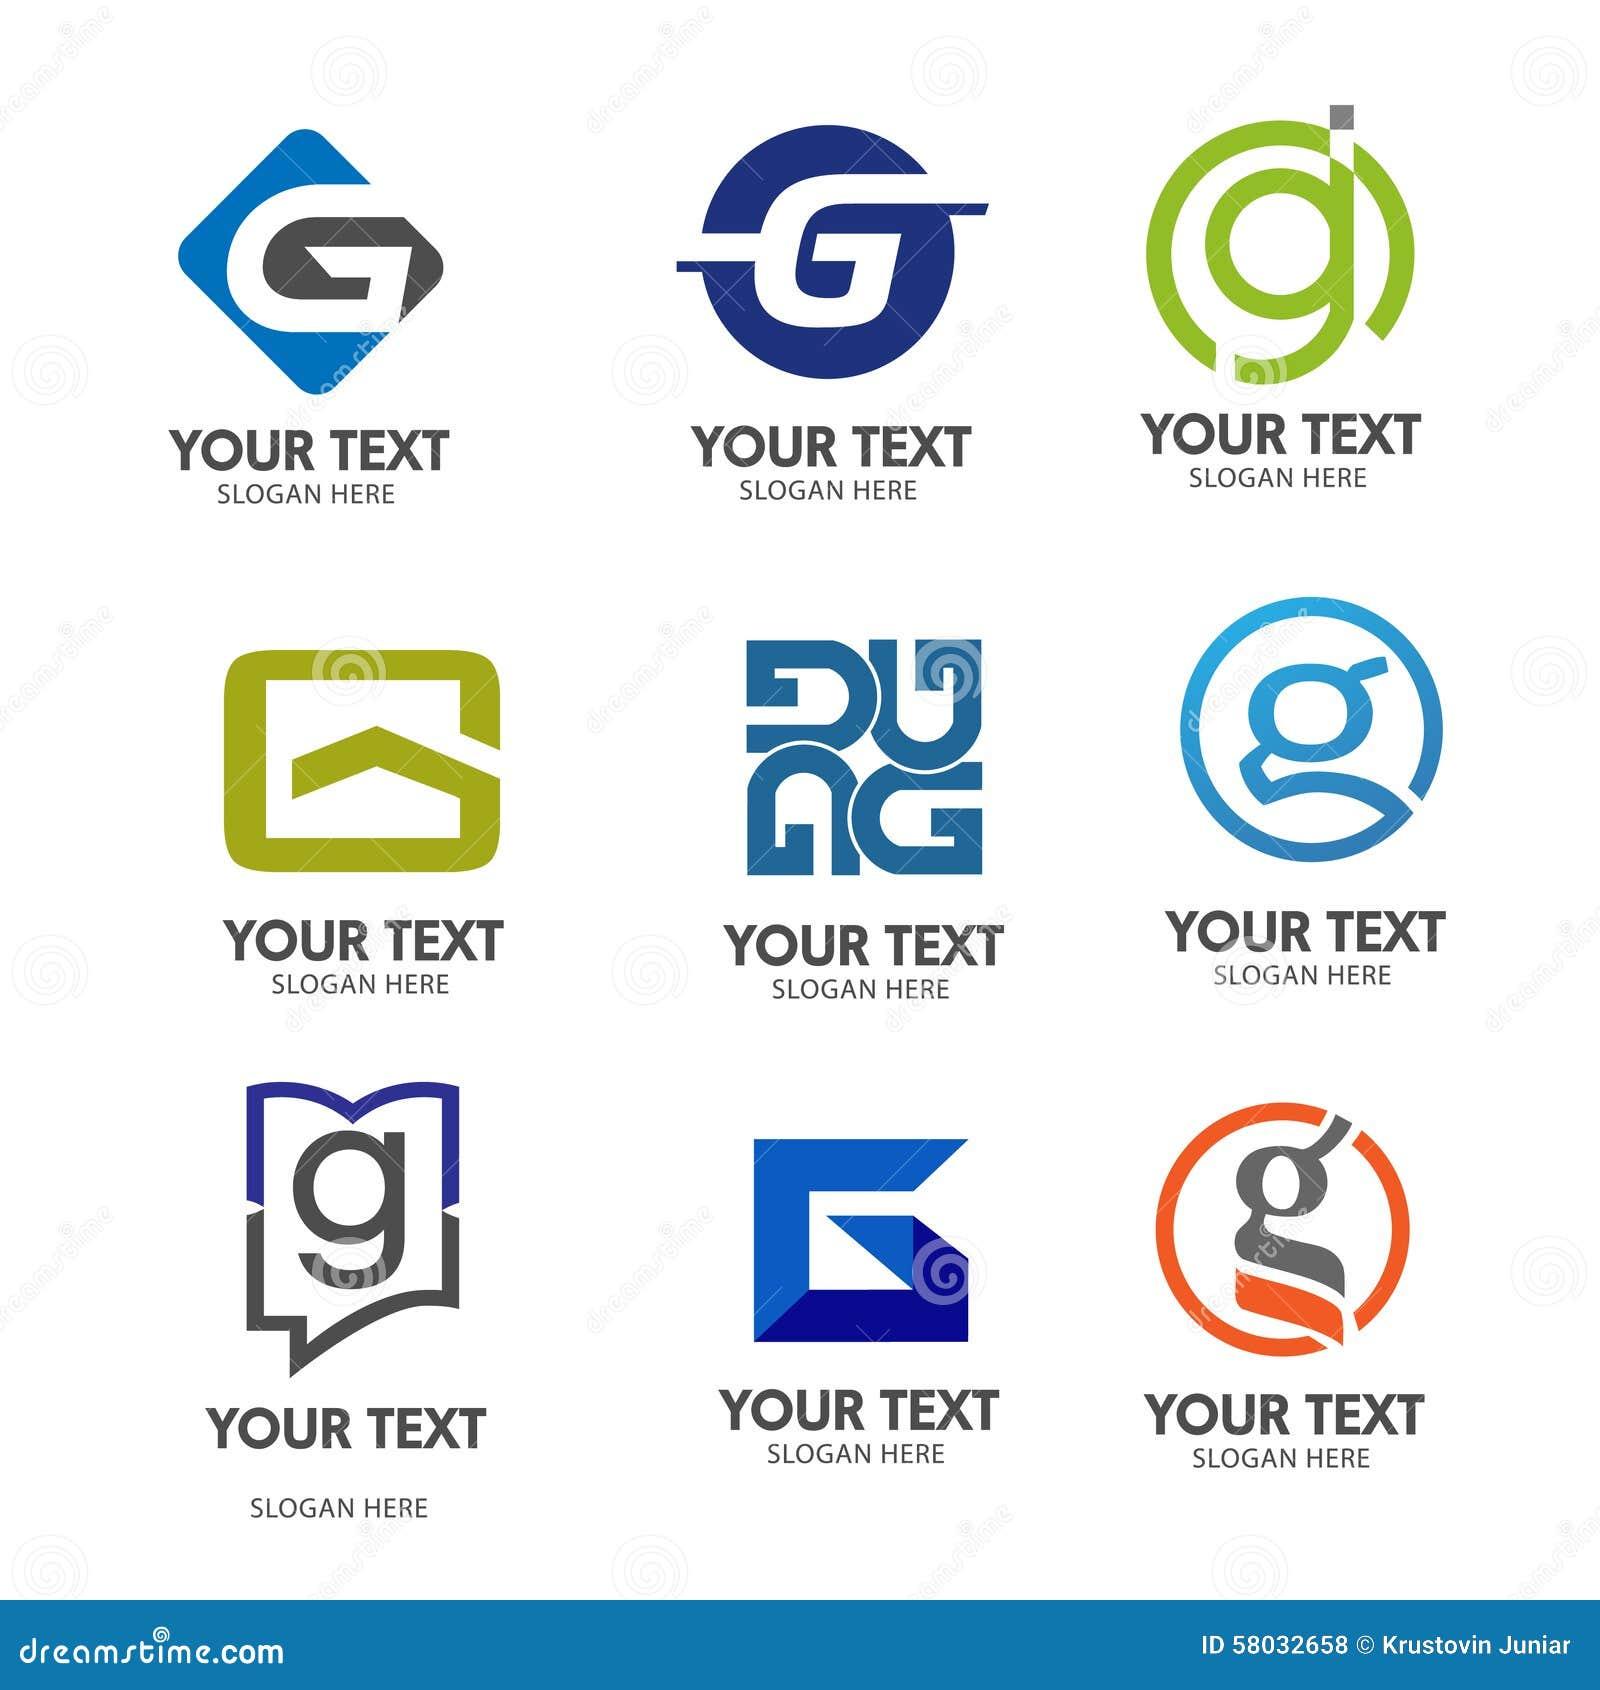 Διάνυσμα λογότυπων γραμμάτων Γ